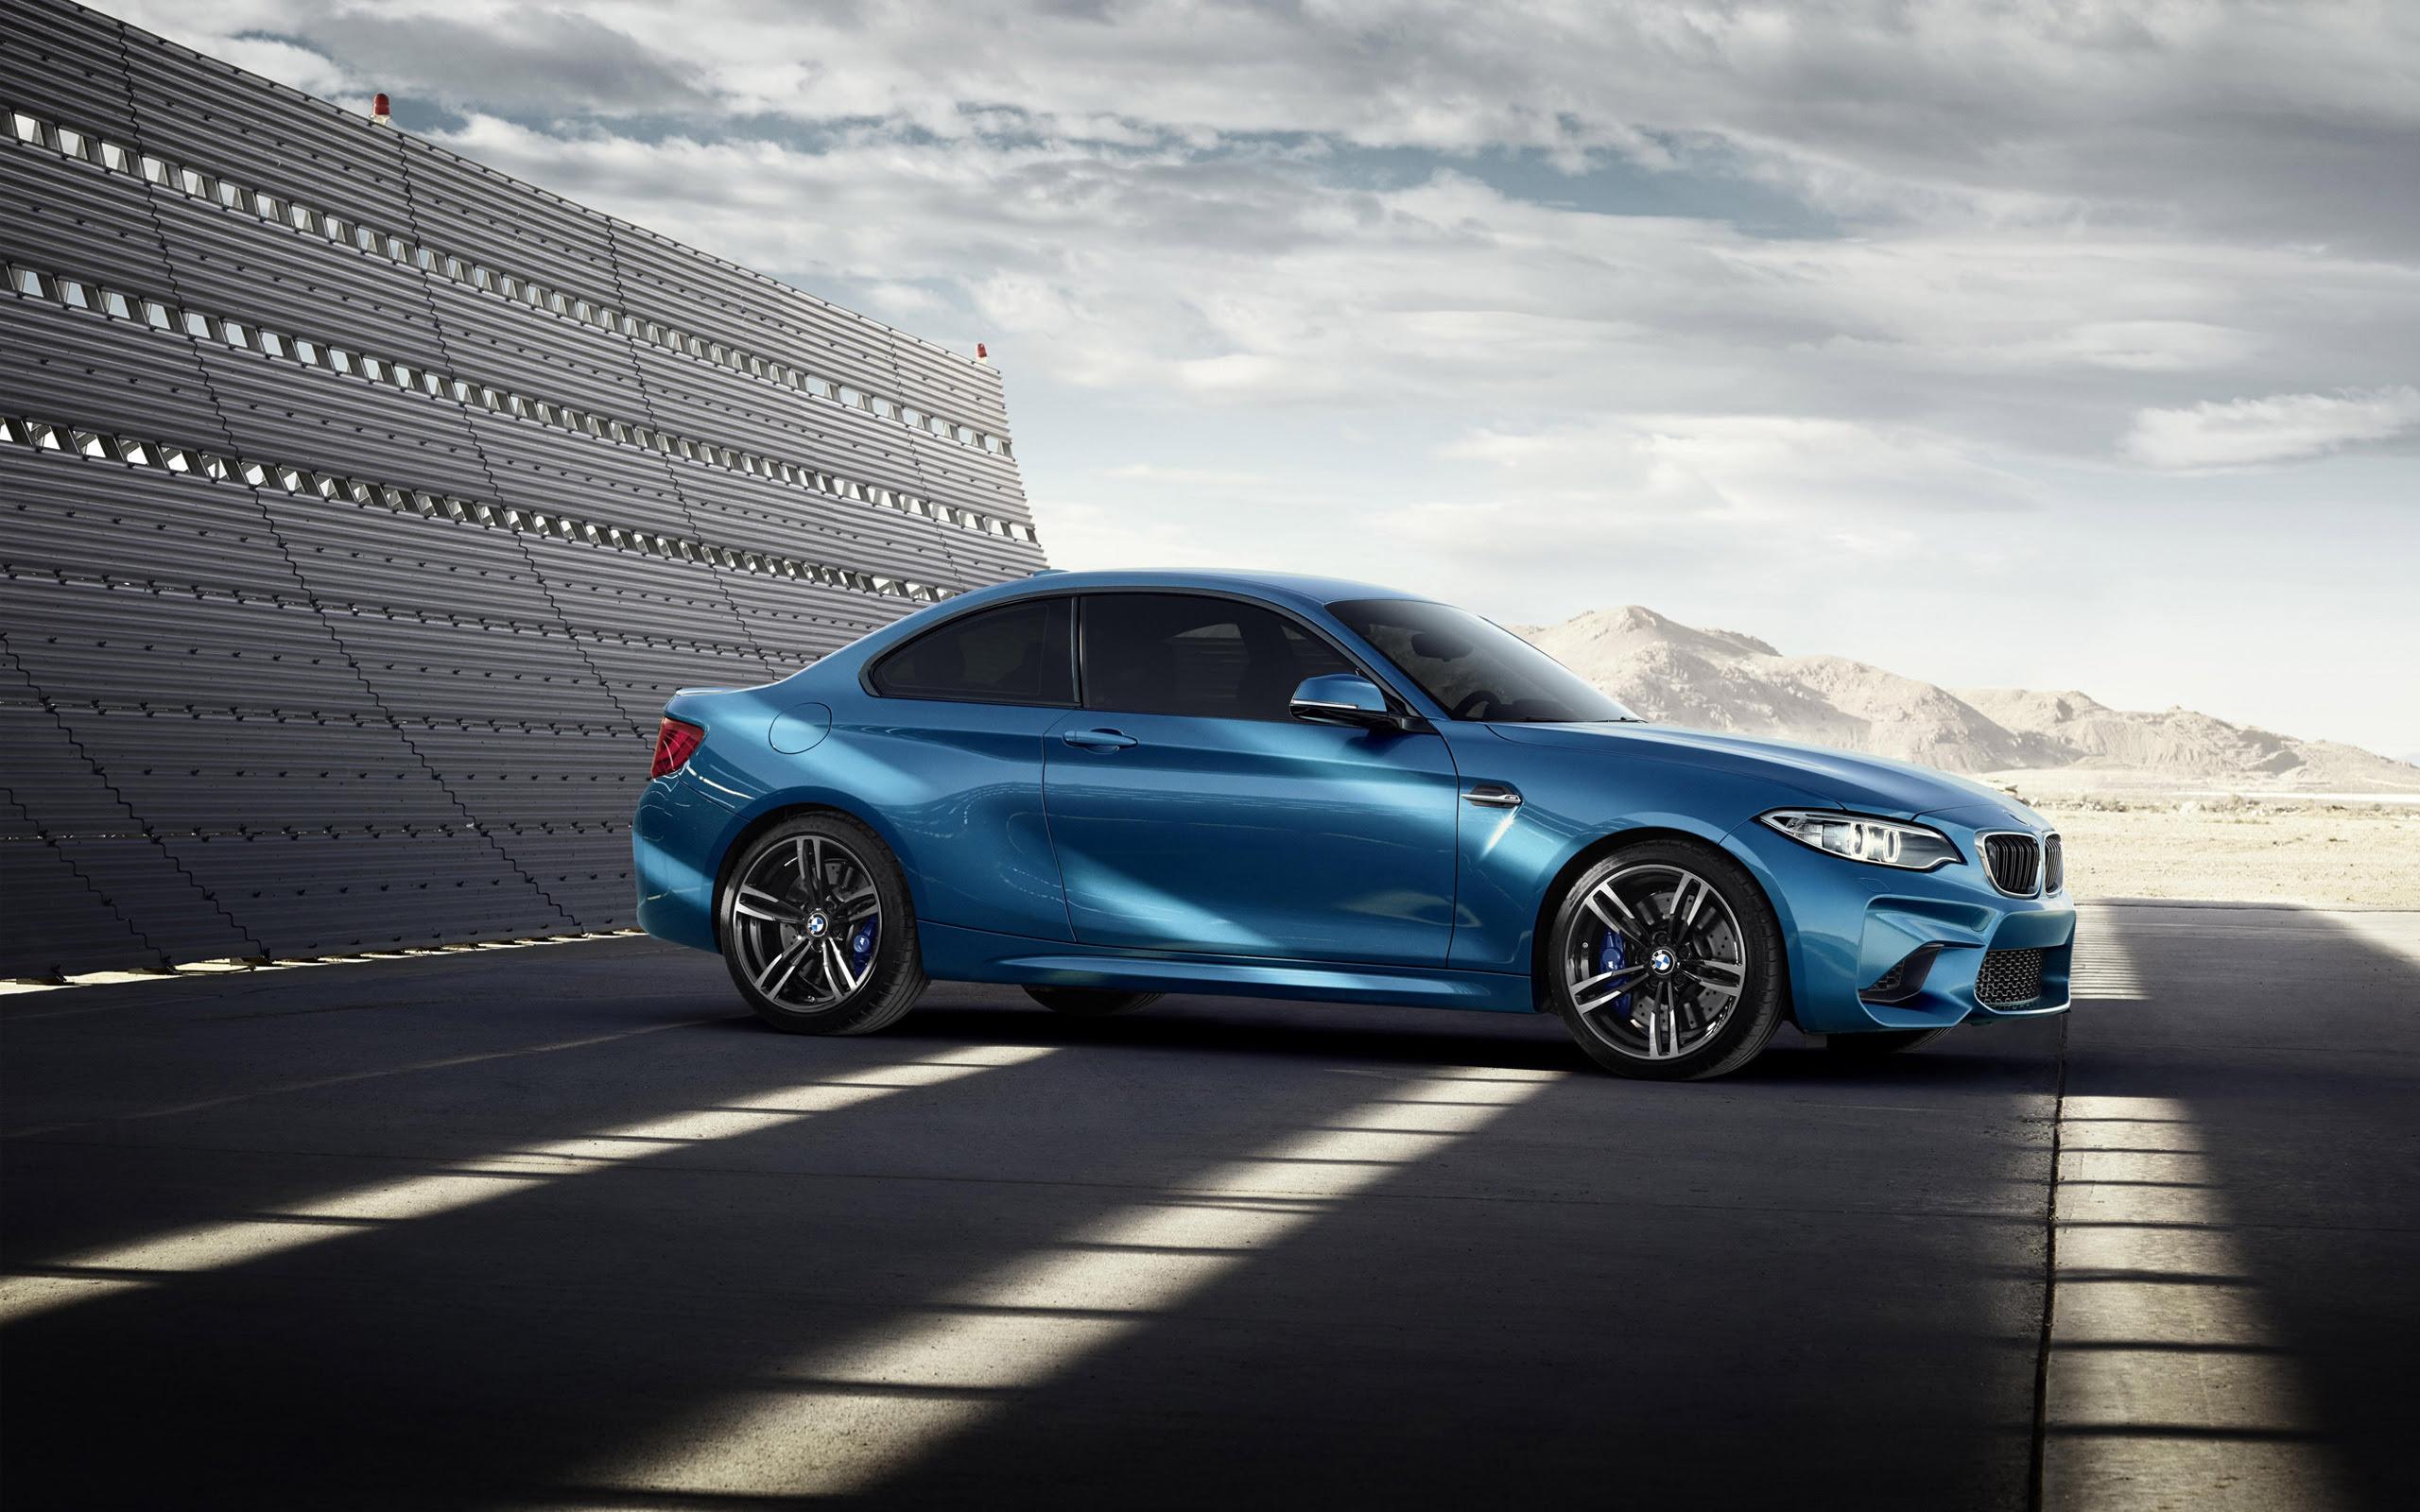 2016 BMW M2 Wallpaper  HD Car Wallpapers  ID 6449